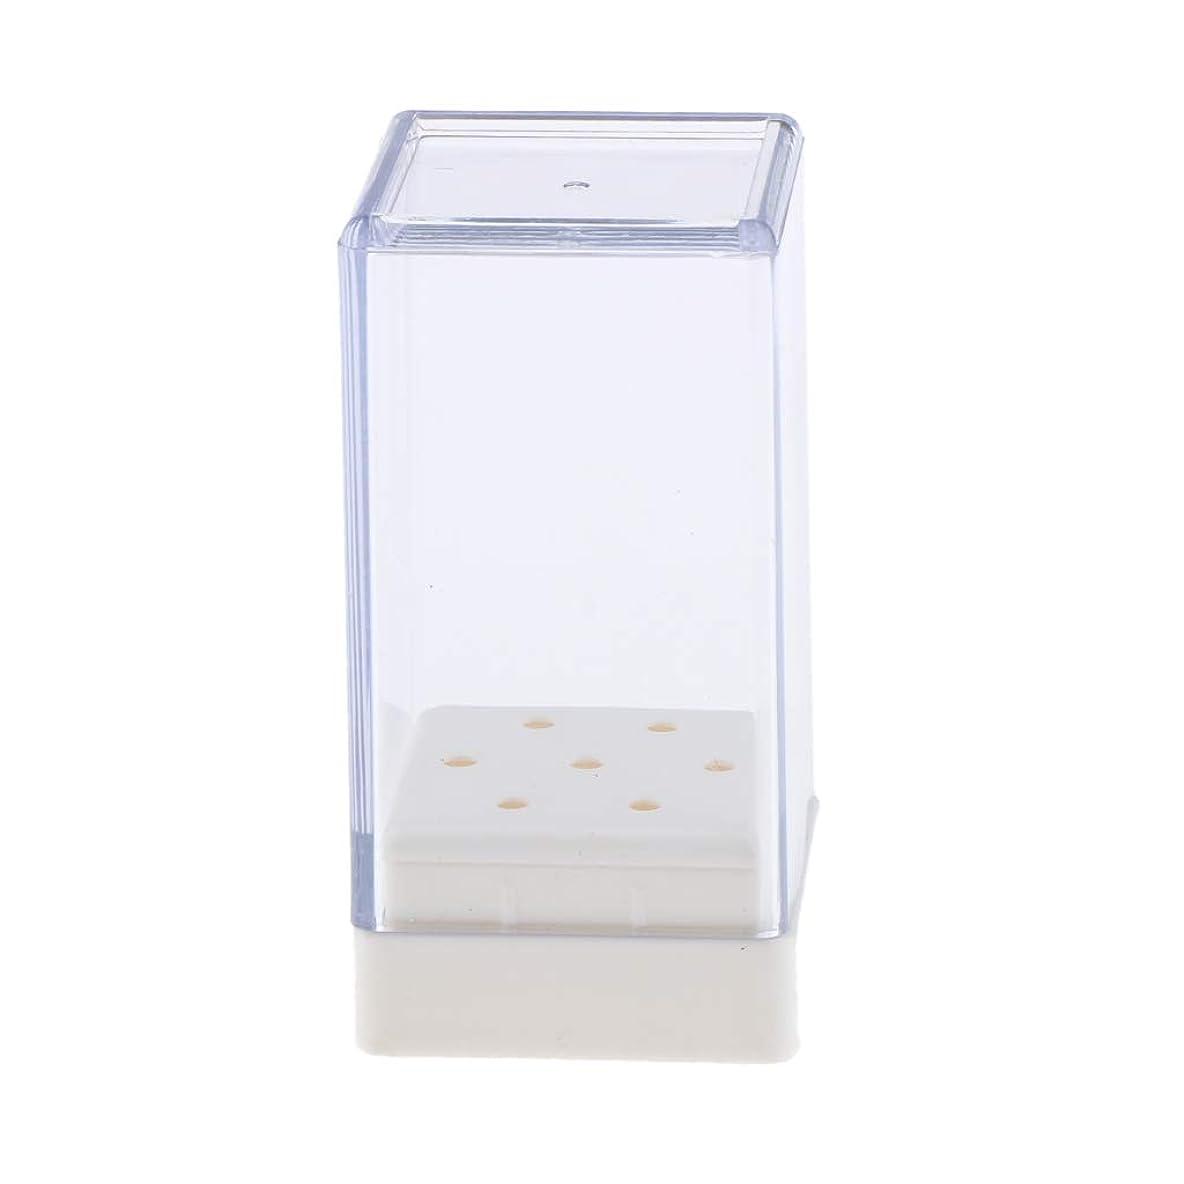 ベアリングやりすぎ出力Sharplace ネイルドリルビット ホルダー ネイルアート 収納ボックス クリア アクリル 6.5*3.2cm 7穴